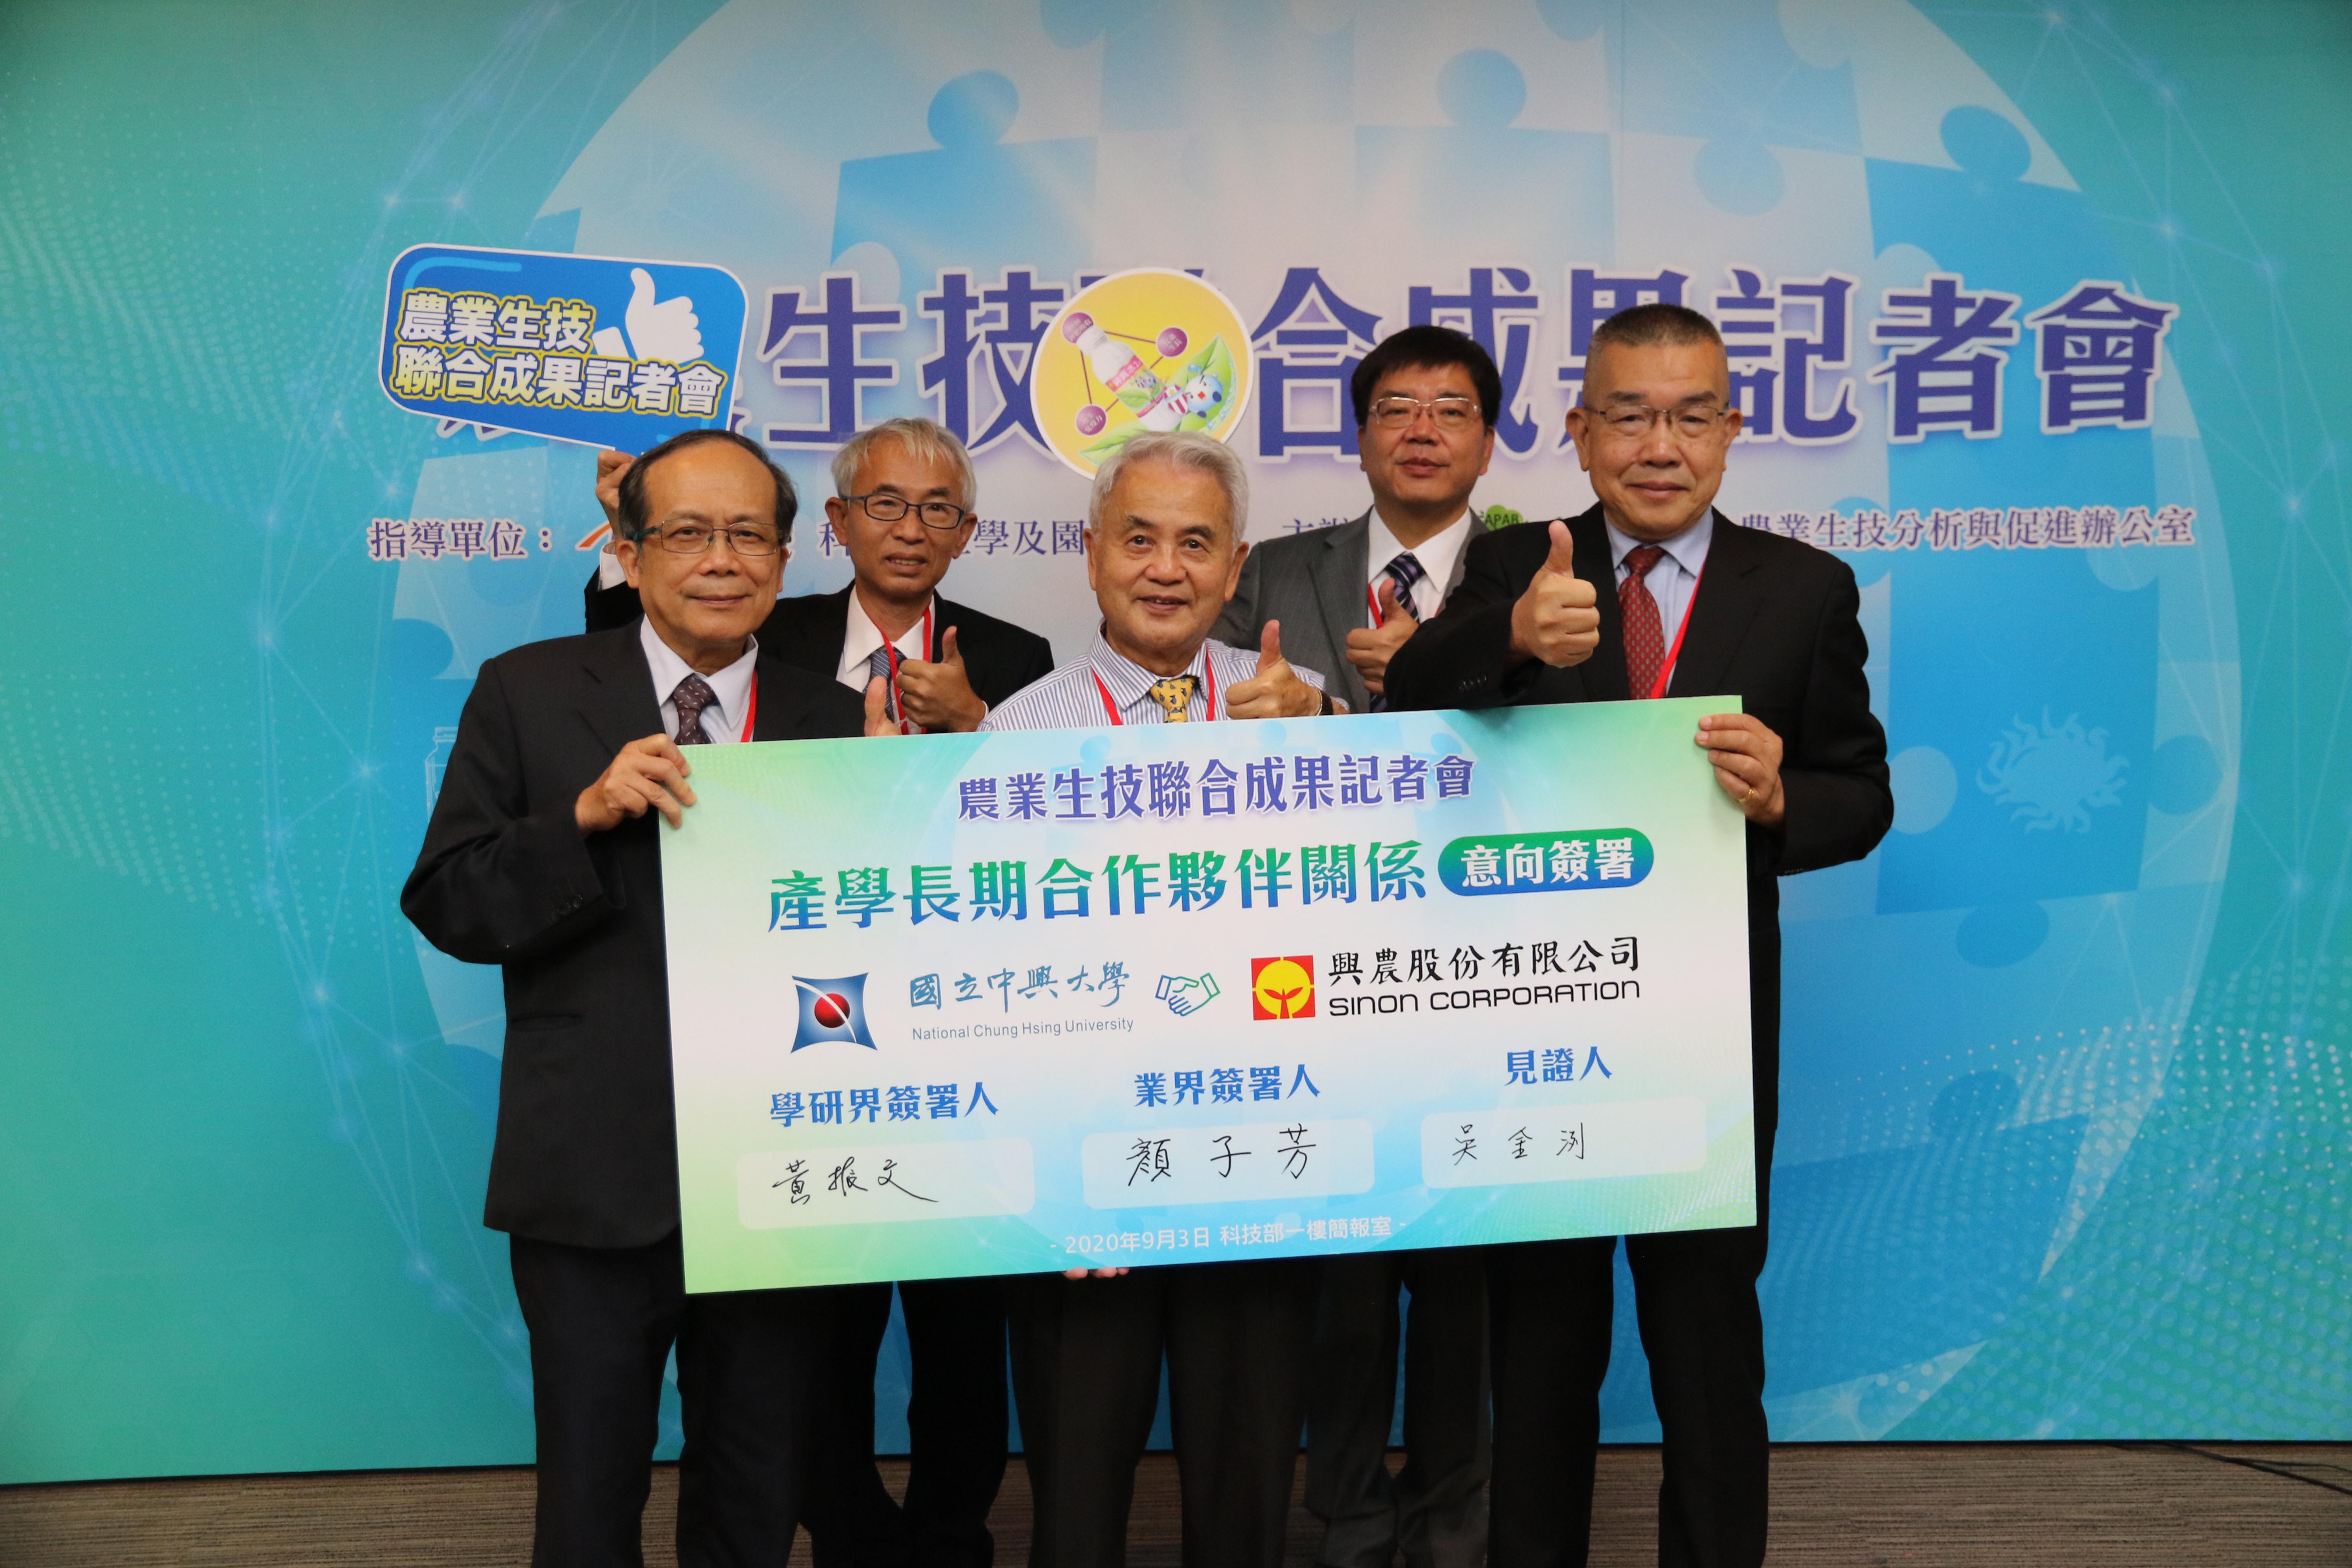 中興大學黃振文副校長(左1)與興農公司顏子芳總經理(右1)簽署「產學長期合作夥伴關係」